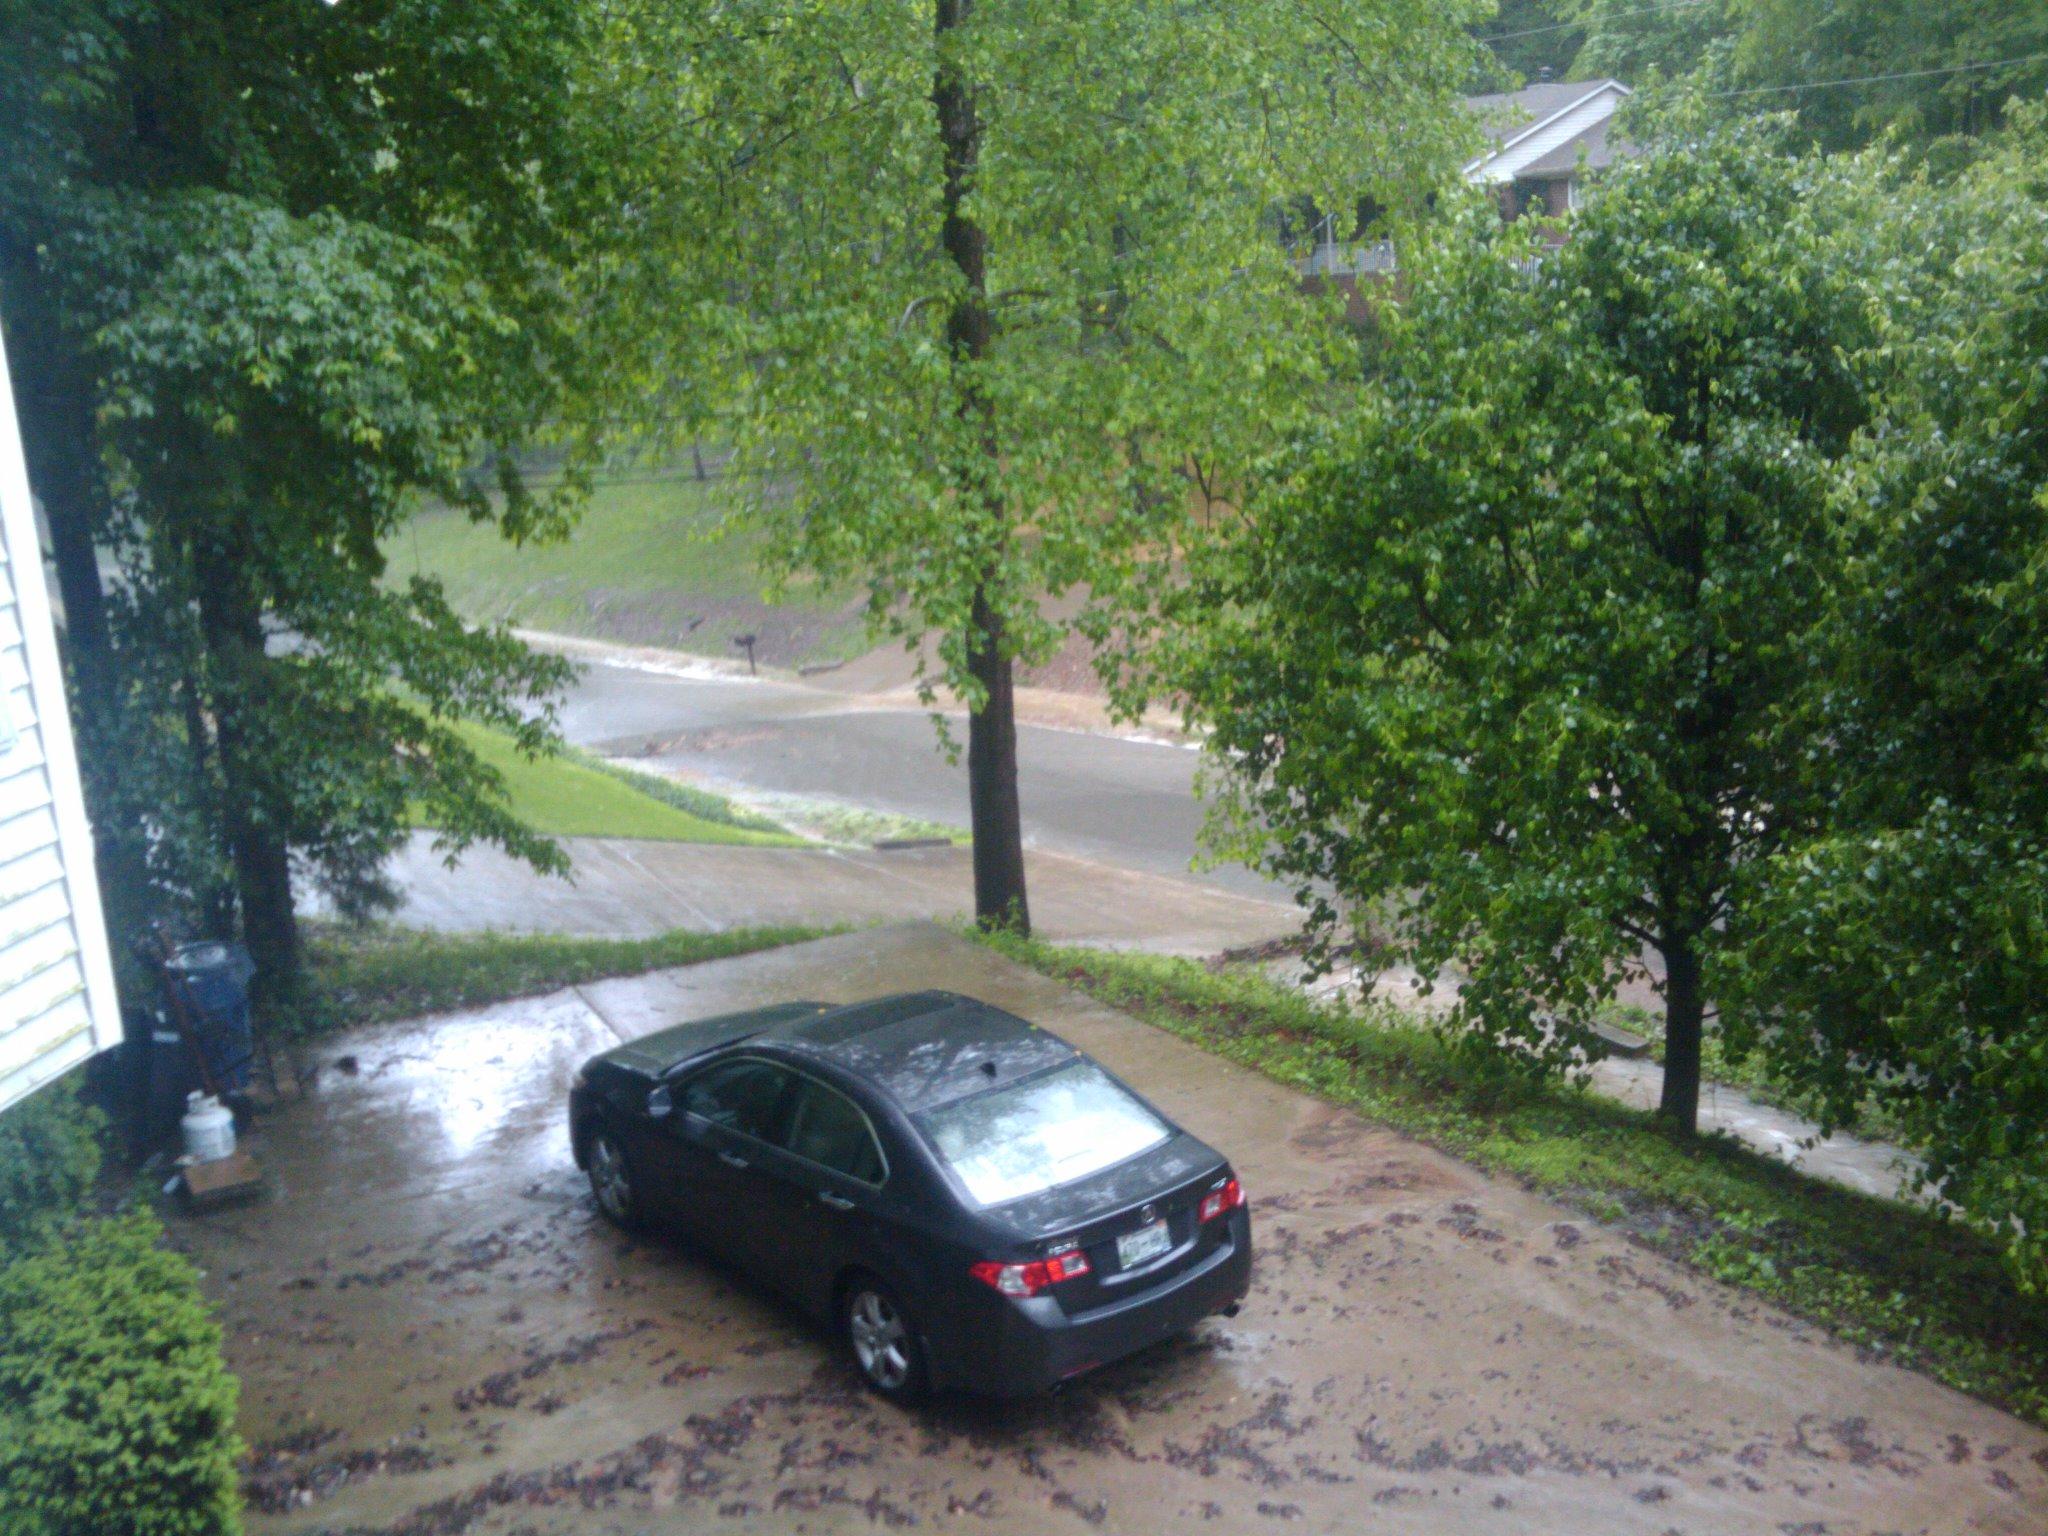 Raining on 5-2